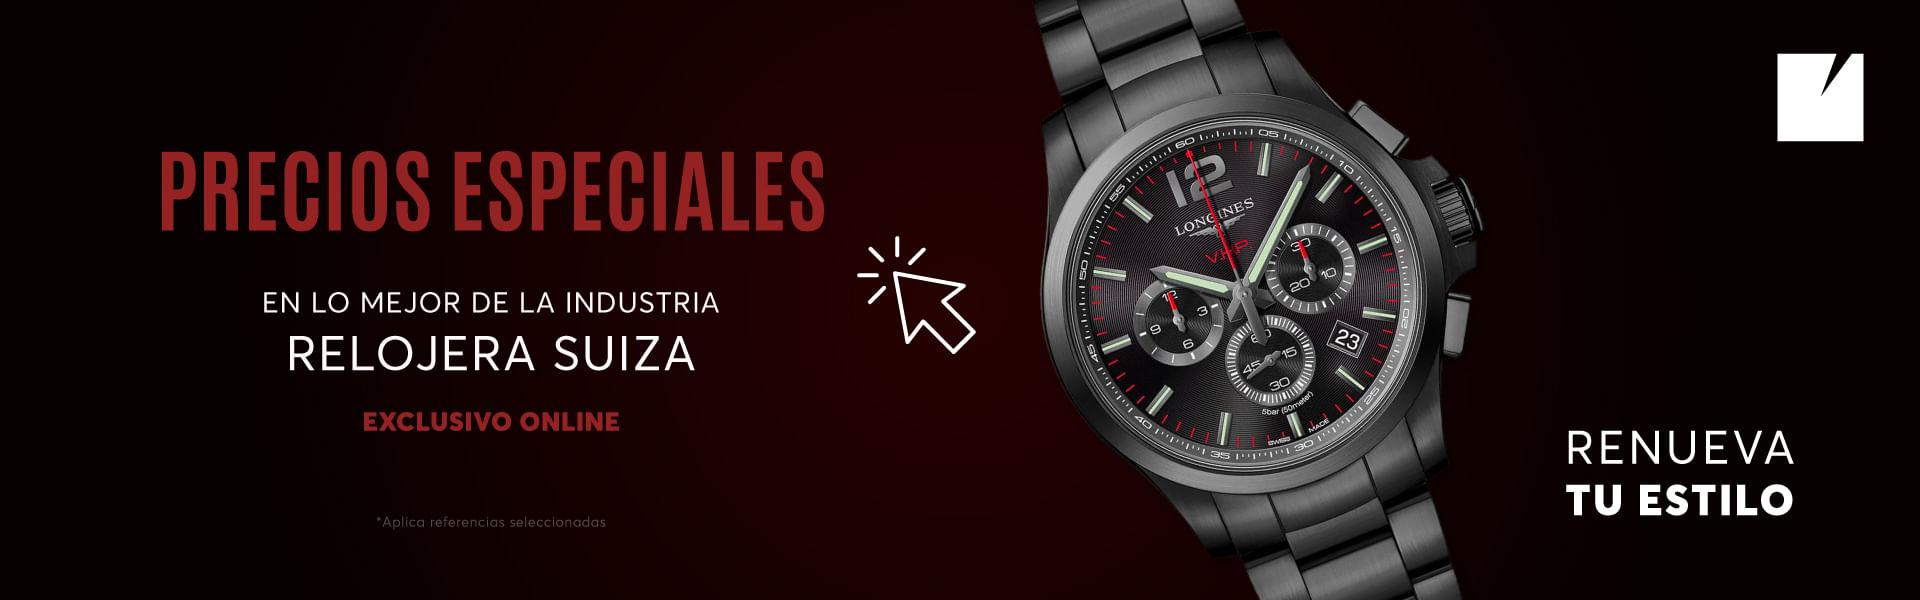 Precios especiales en Relojes Suizos